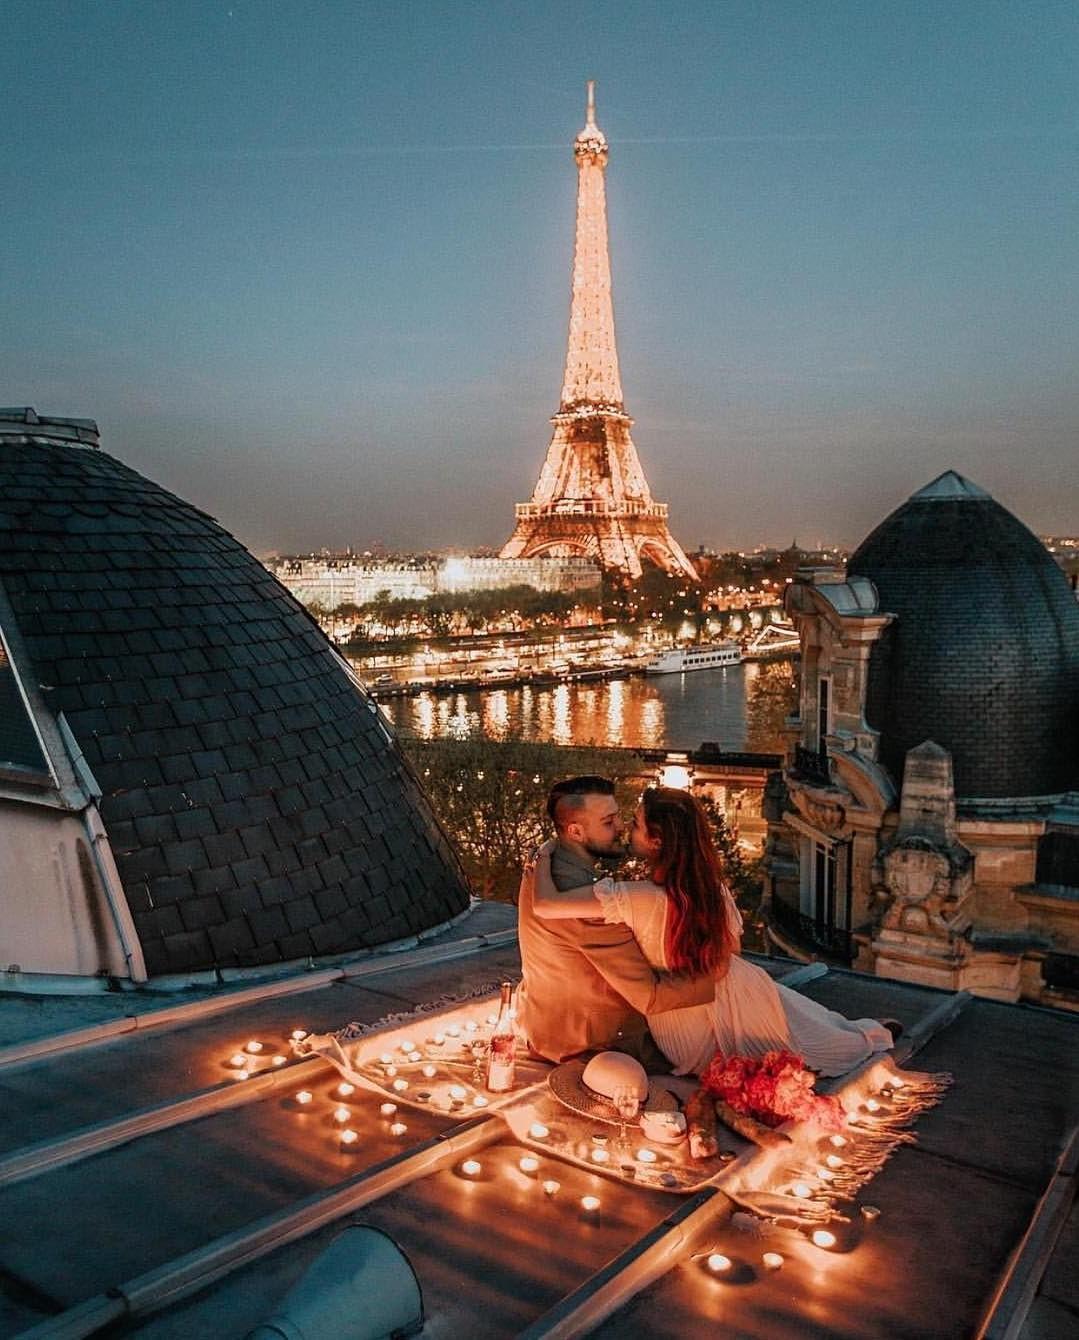 Dînez au sommet d'un immeuble avec une belle vue.